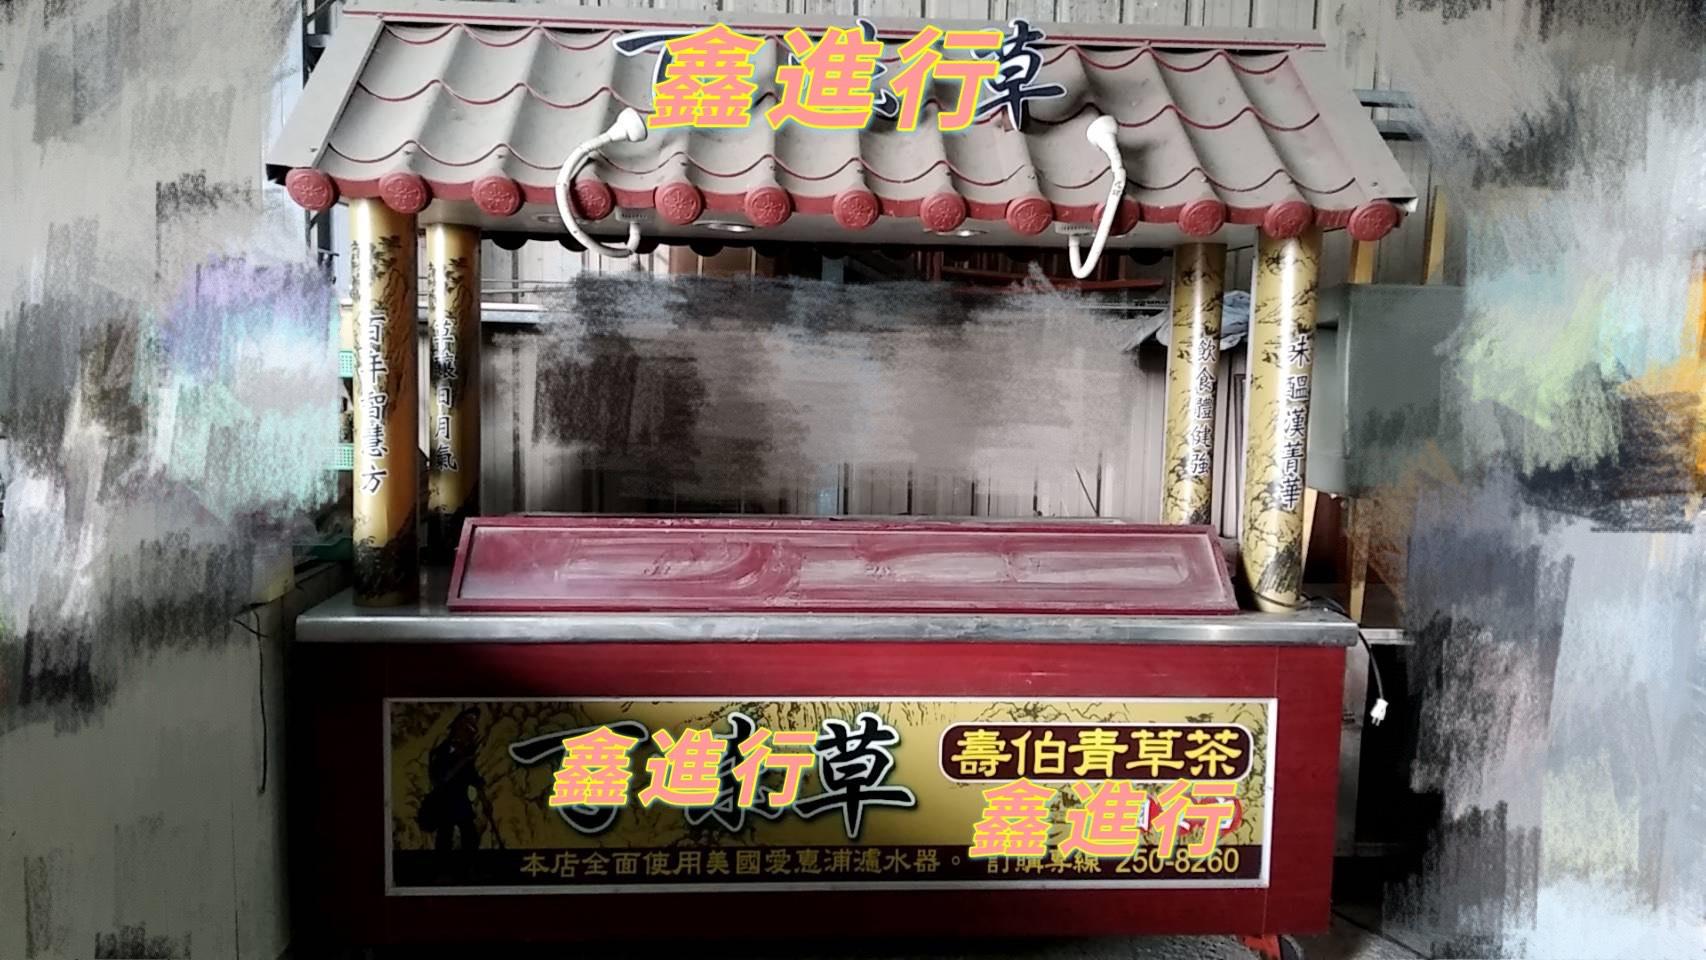 《鑫進行》二手 大型 冷藏 飲料攤車 豆花攤紅茶冰 水冷豆花桶 台車有輪